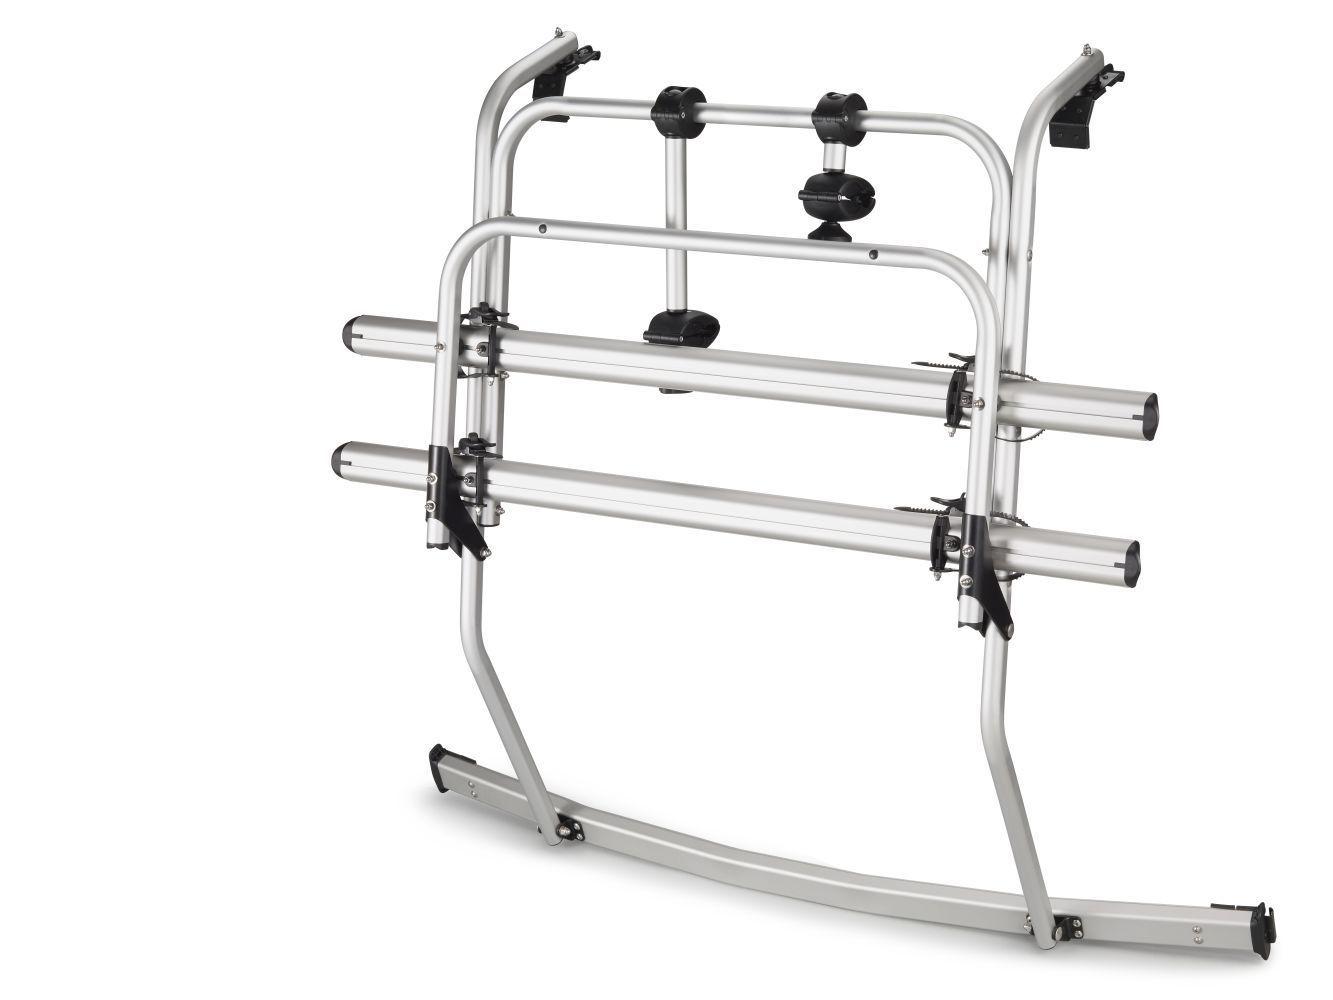 uebler 30360 heckklappentr ger f r vw t6 fahrradtr ger f r 2 fahrr der. Black Bedroom Furniture Sets. Home Design Ideas